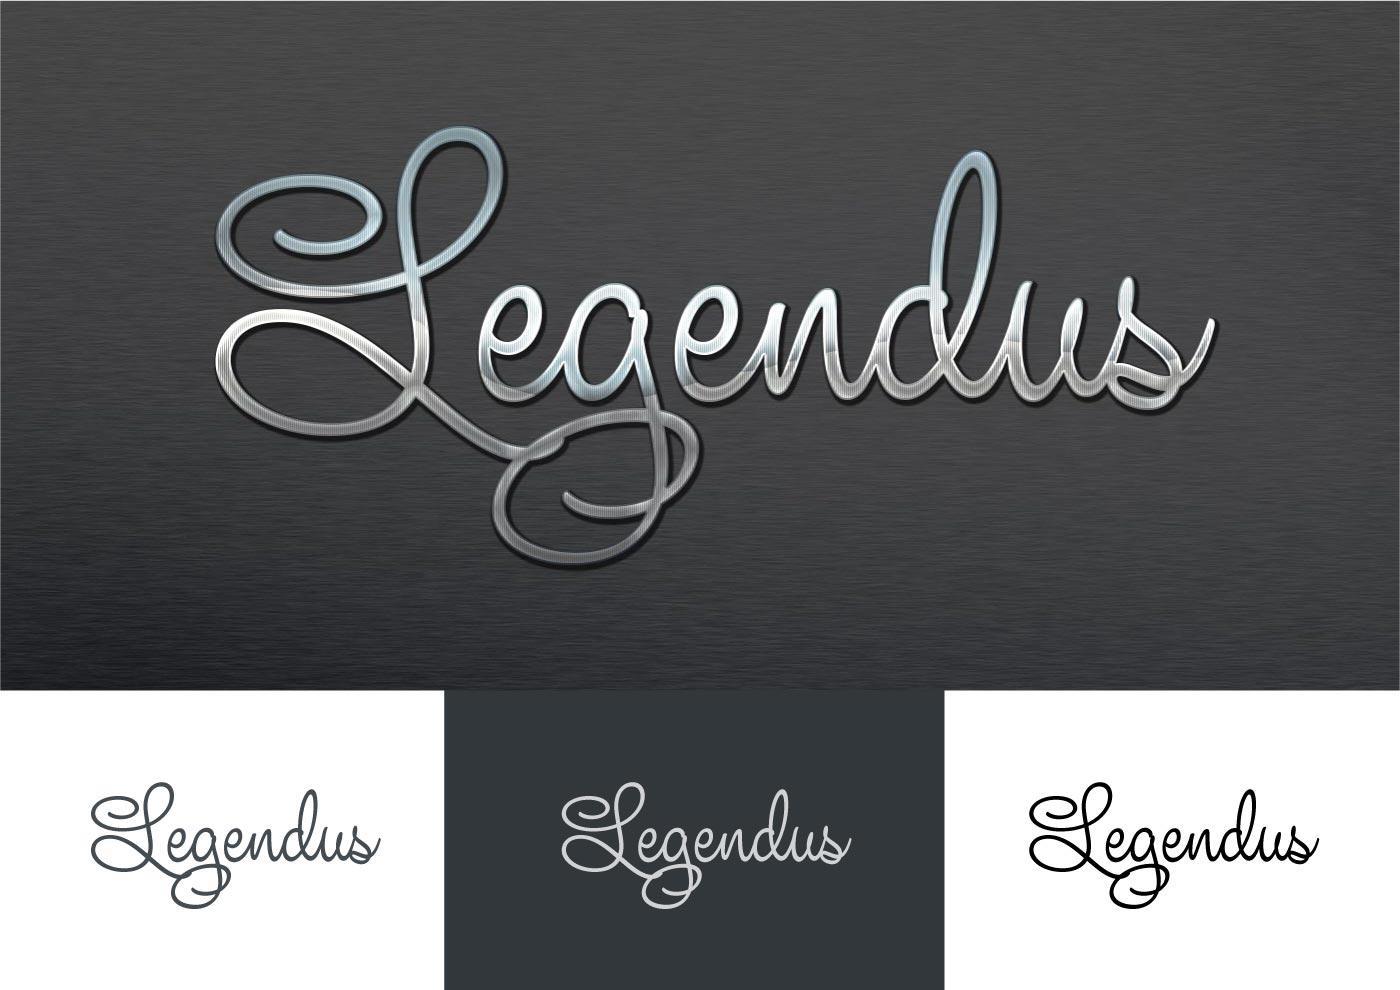 الطباعة LEGENDUS تطوير الشعار